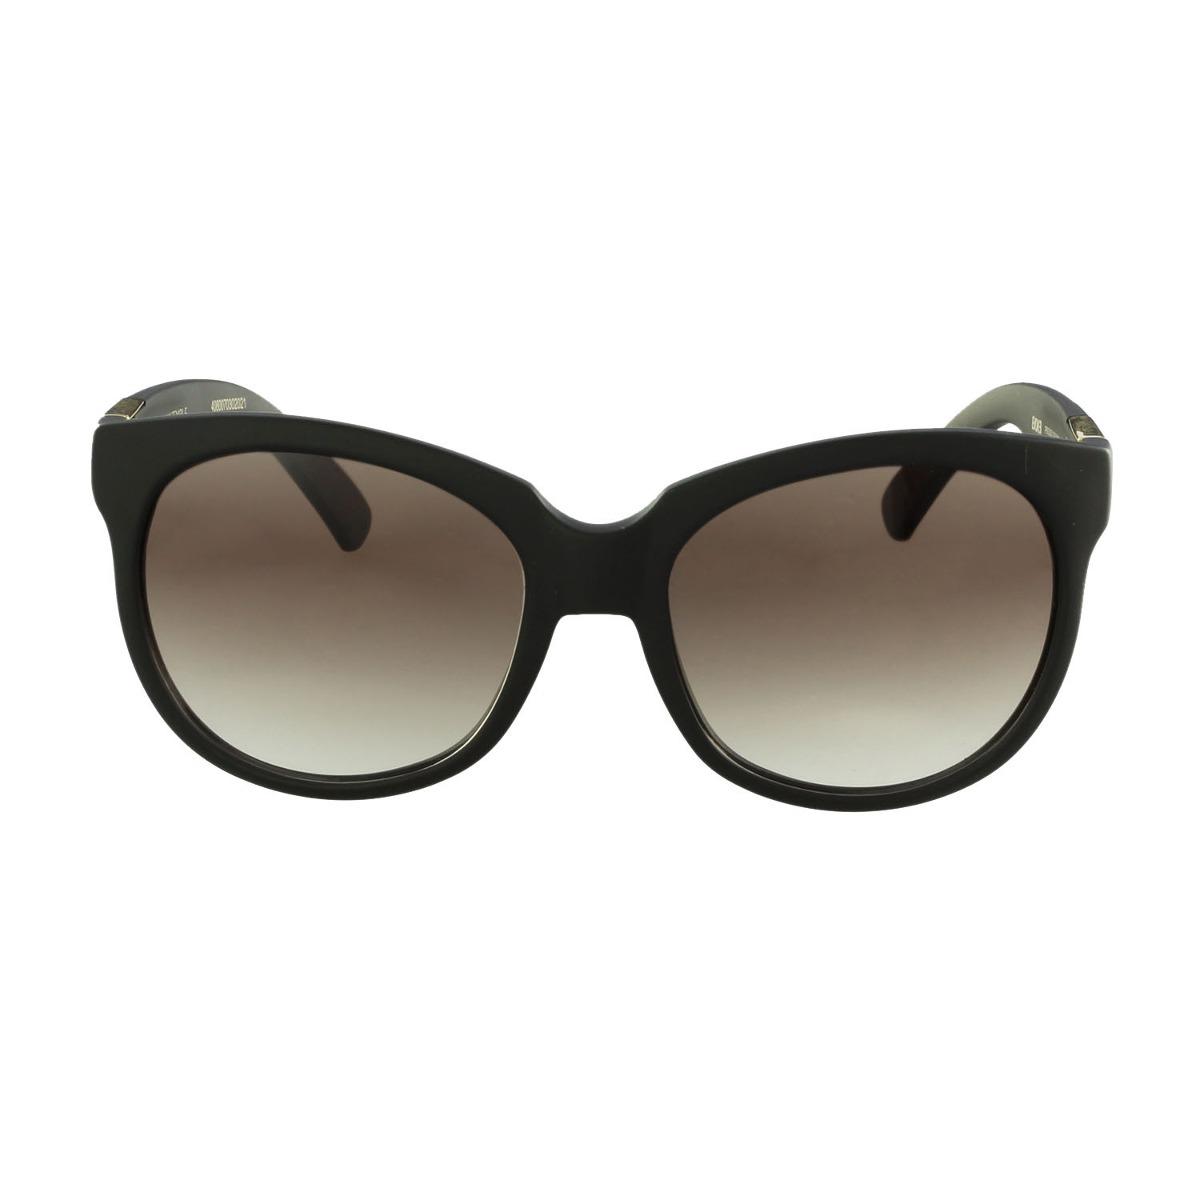 Óculos De Sol Evoke Casual Preto Aev1m01716 - R  425,00 em Mercado Livre 1146019e3b